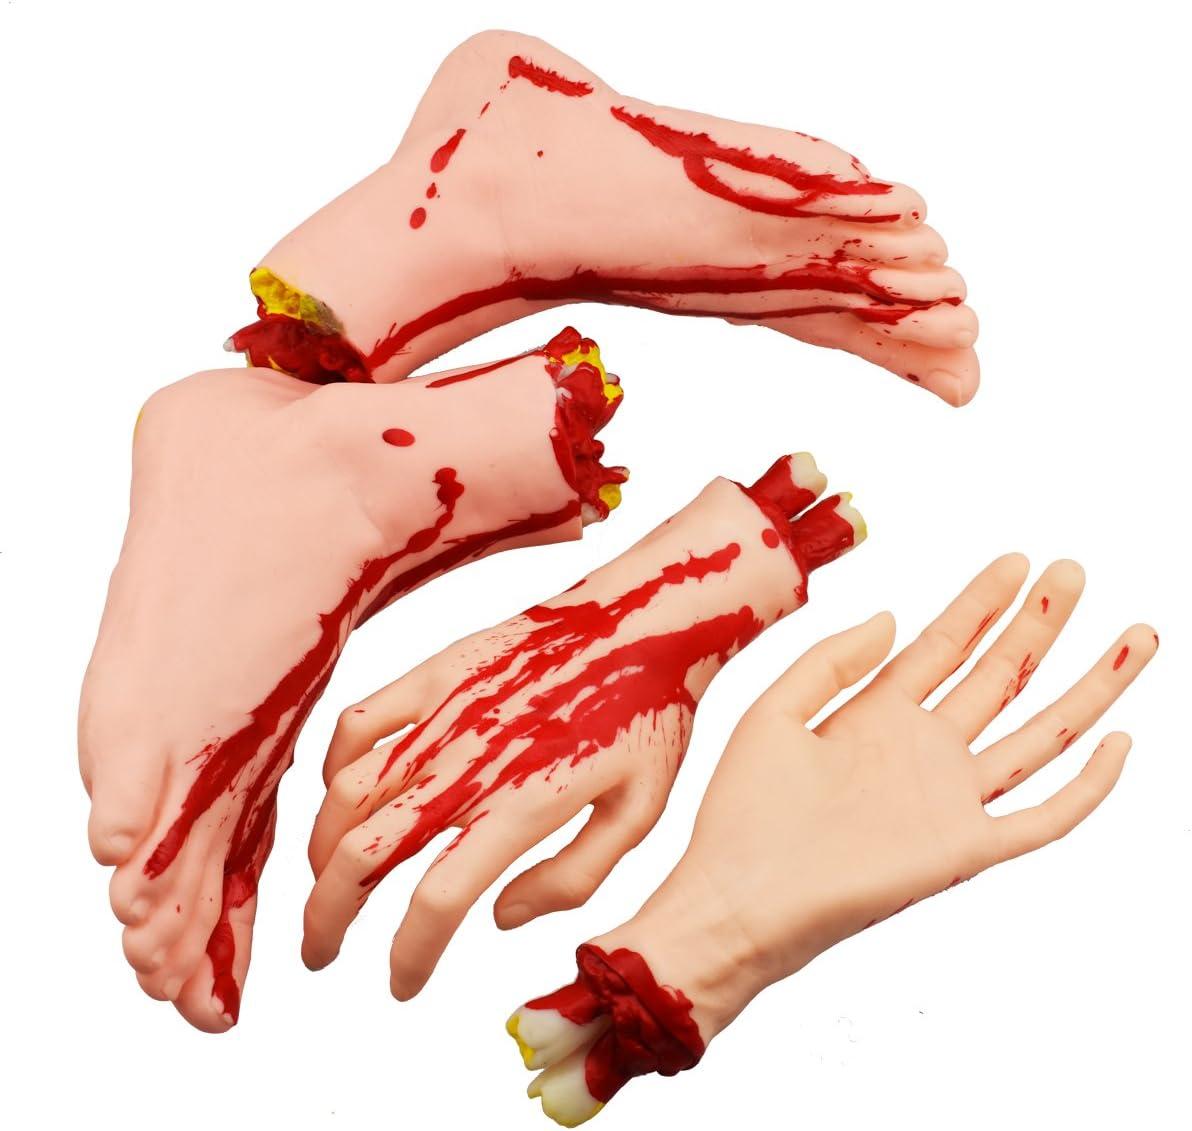 XONOR Halloween cortó Las Manos los pies Conjunto de Piezas de Cuerpo Sangriento y Aterrador Decoraciones de Accesorios de Halloween, 4 Piezas (pies y Manos) (Color de Piel)